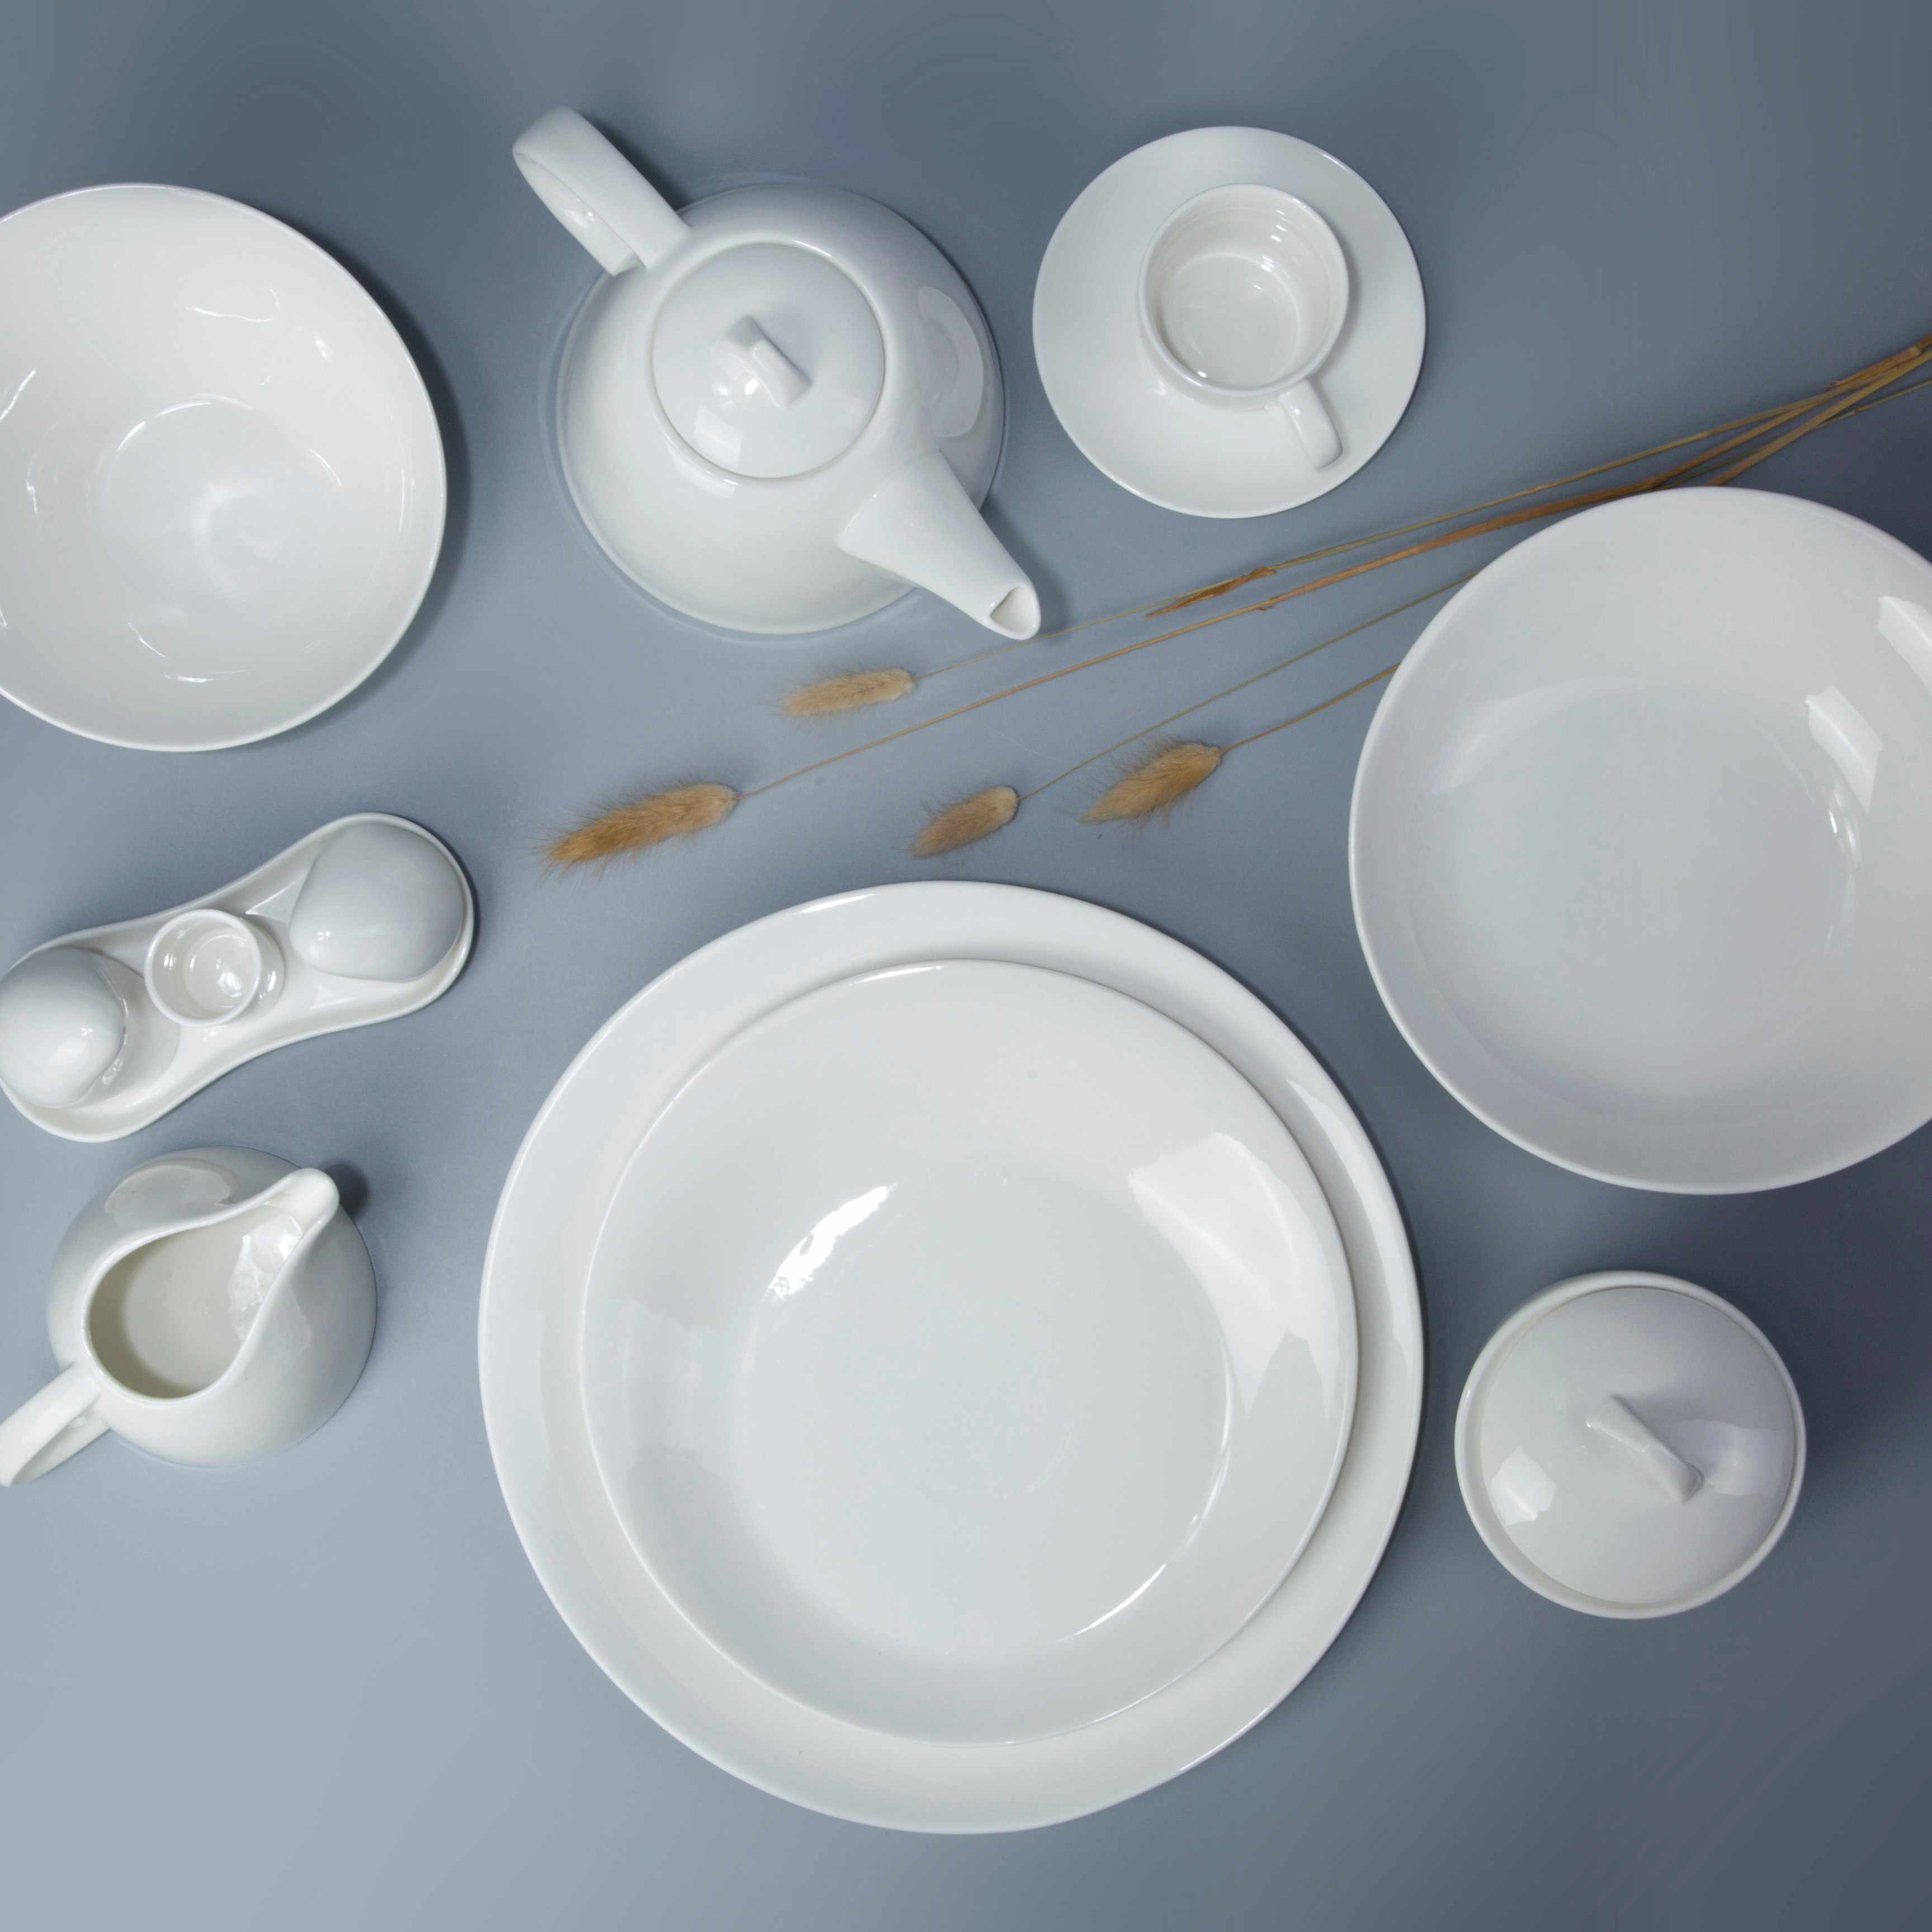 Two Eight White ceramic dinnerware set - YANG BIAN SERIES White Porcelain Dinner Set image13